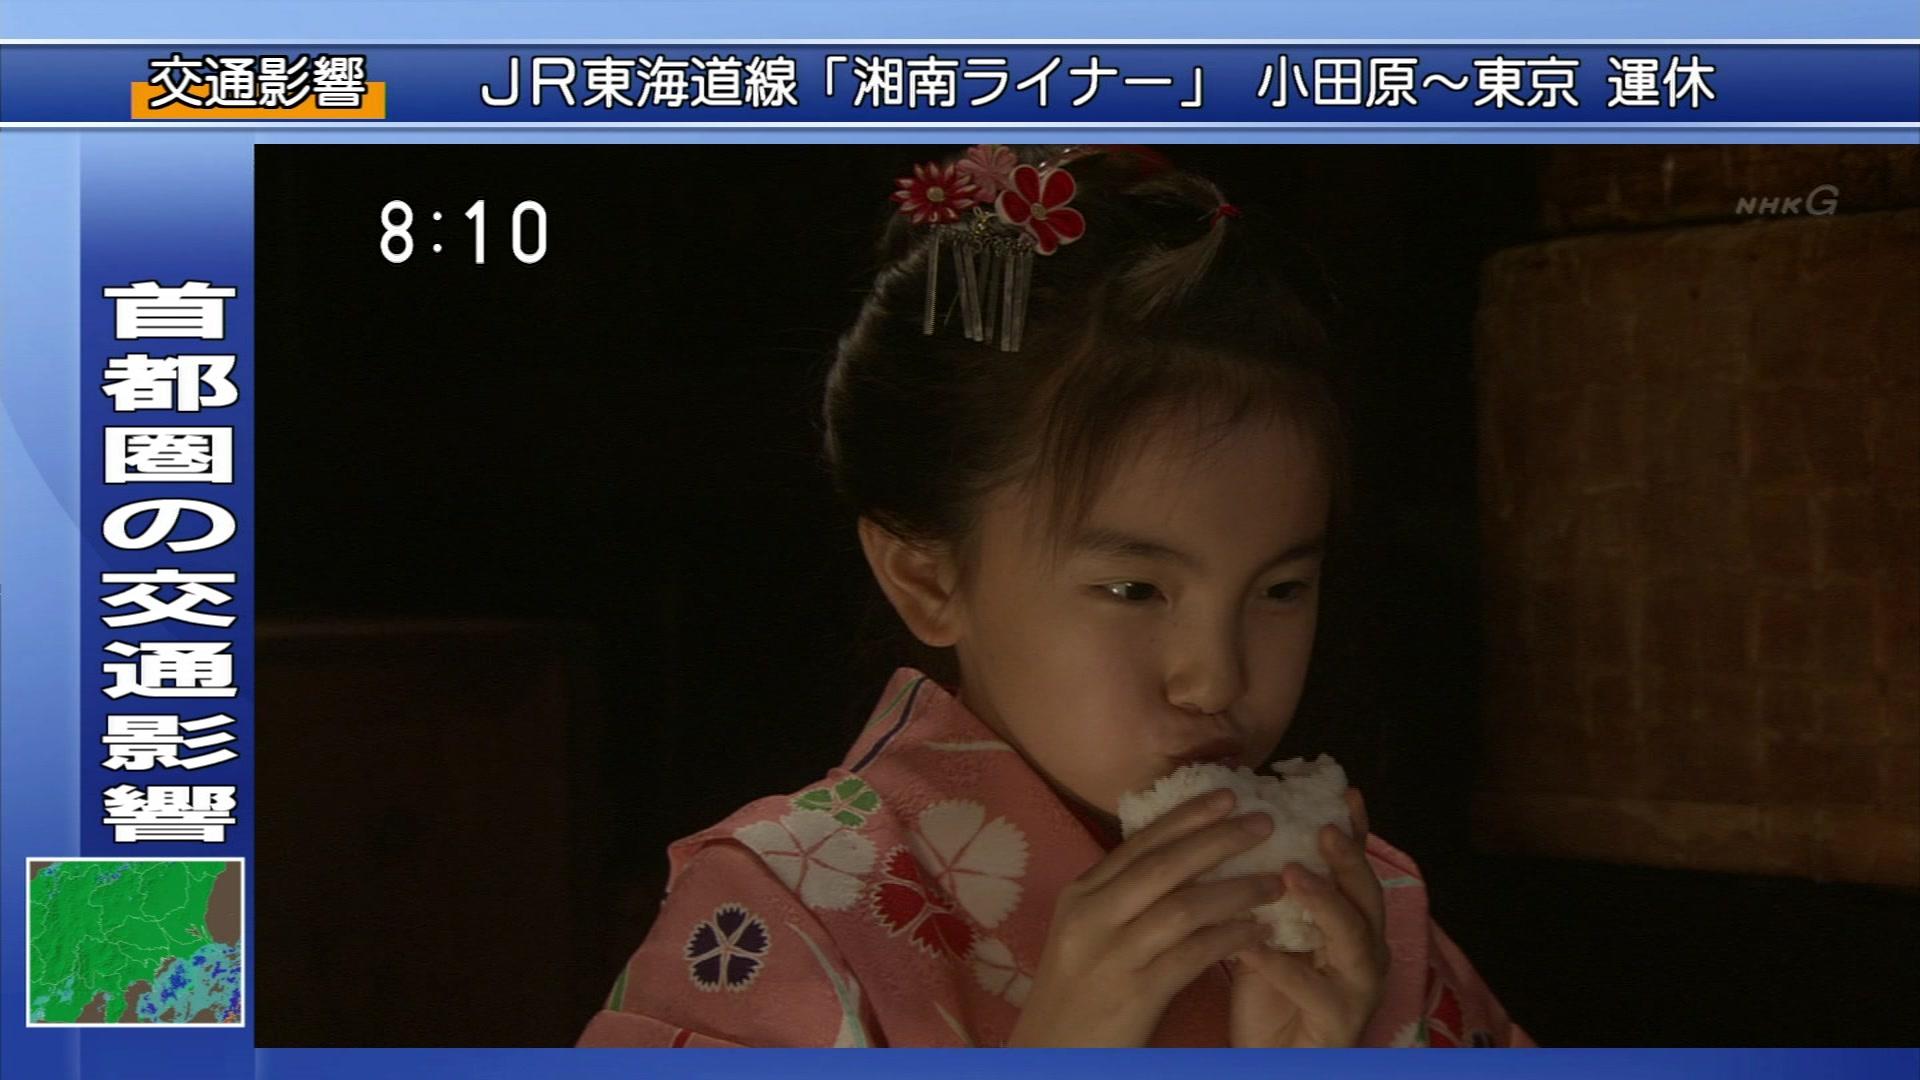 2015-10-02 08:00 連続テレビ小説 あさが来た(5)「小さな許嫁(いいなずけ)」 1938